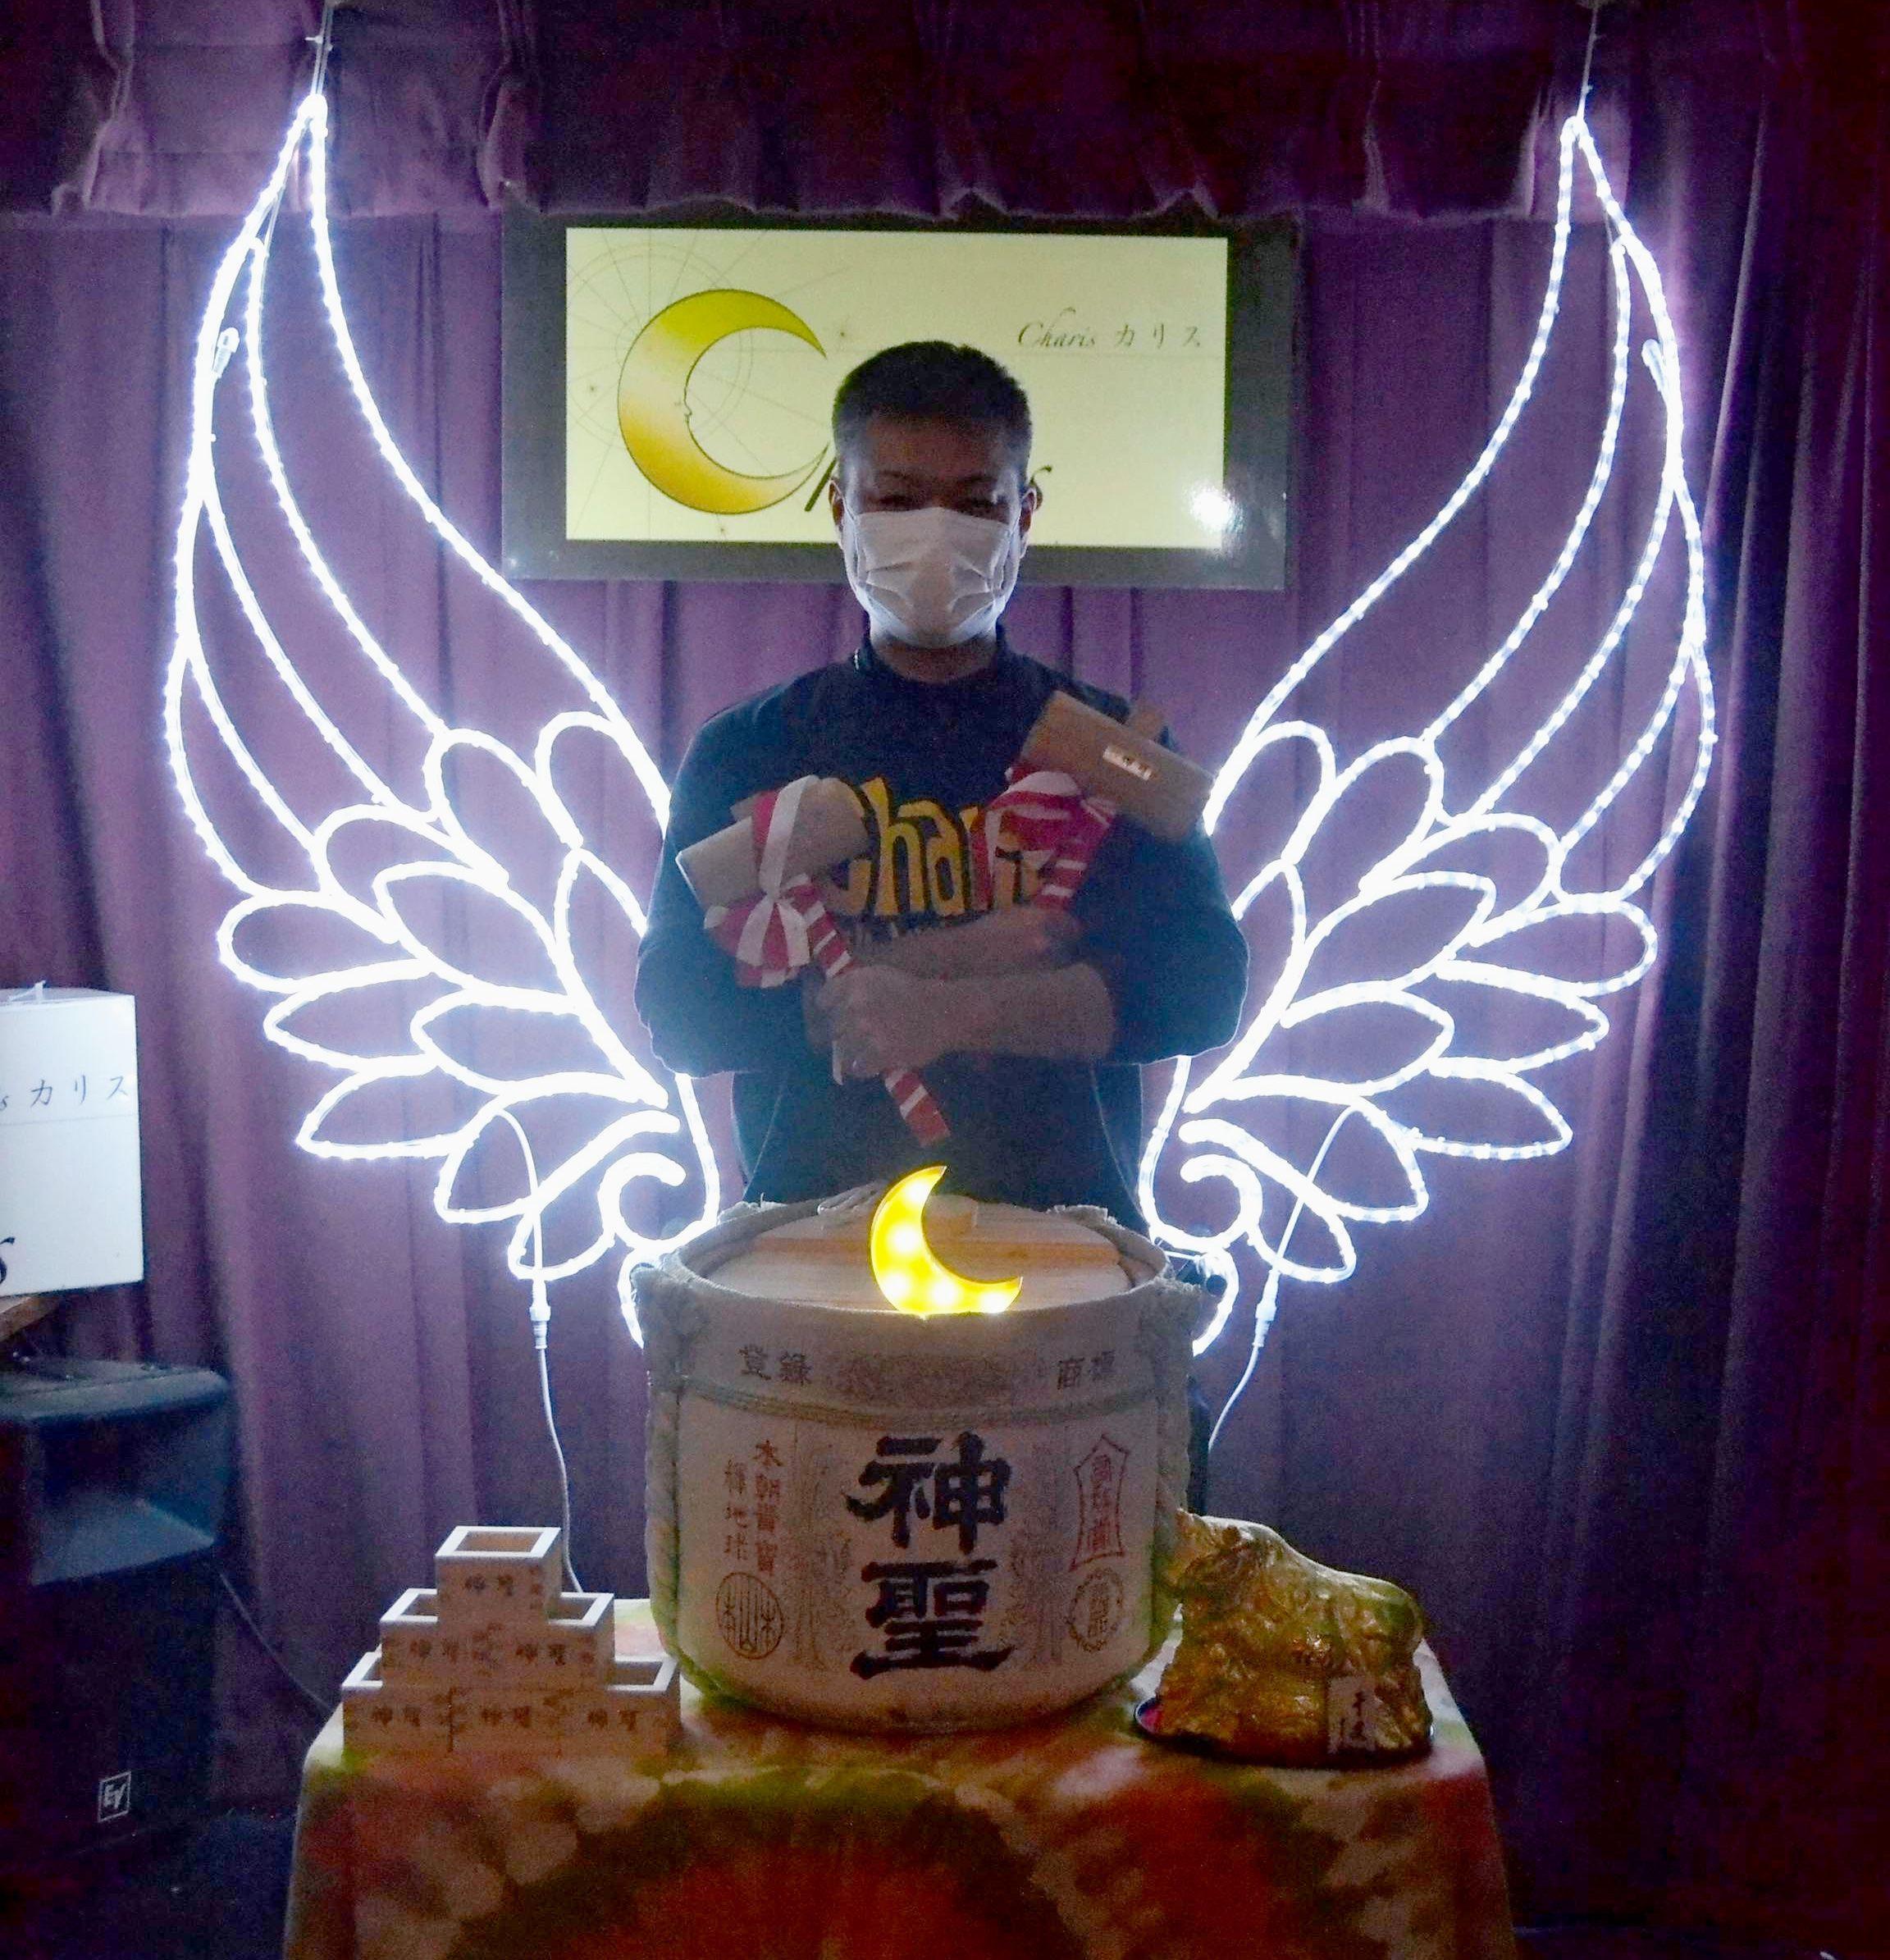 「時短営業中でも明るく照らしたい」映える商店街 SNSで写真募集 | 沖縄タイムス+プラス ニュース | 沖縄タイムス+プラス